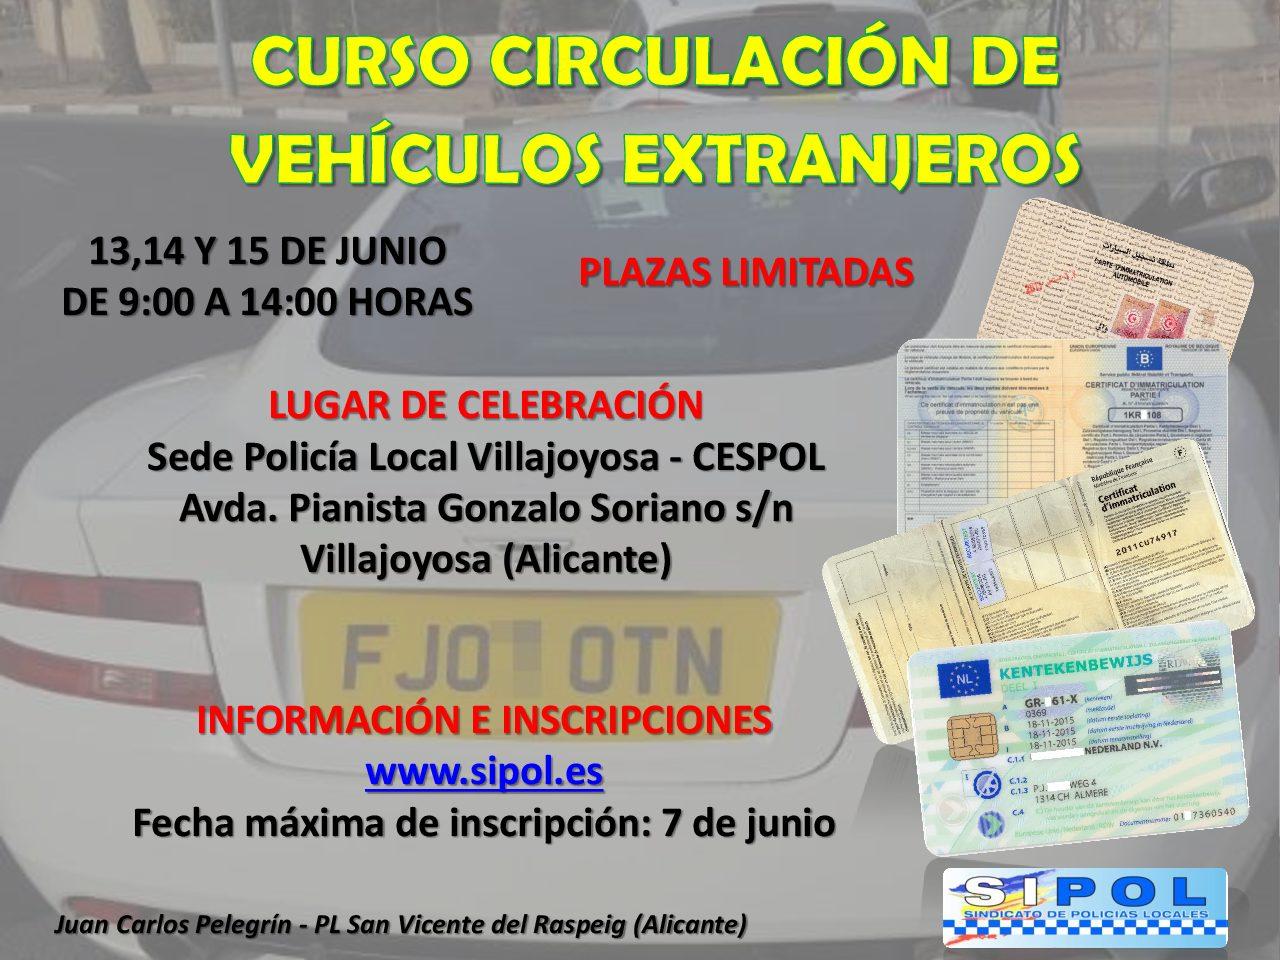 CURSO PRESENCIAL  CIRCULACIÓN DE VEHÍCULOS EXTRANJEROS EN VILLAJOYOSA